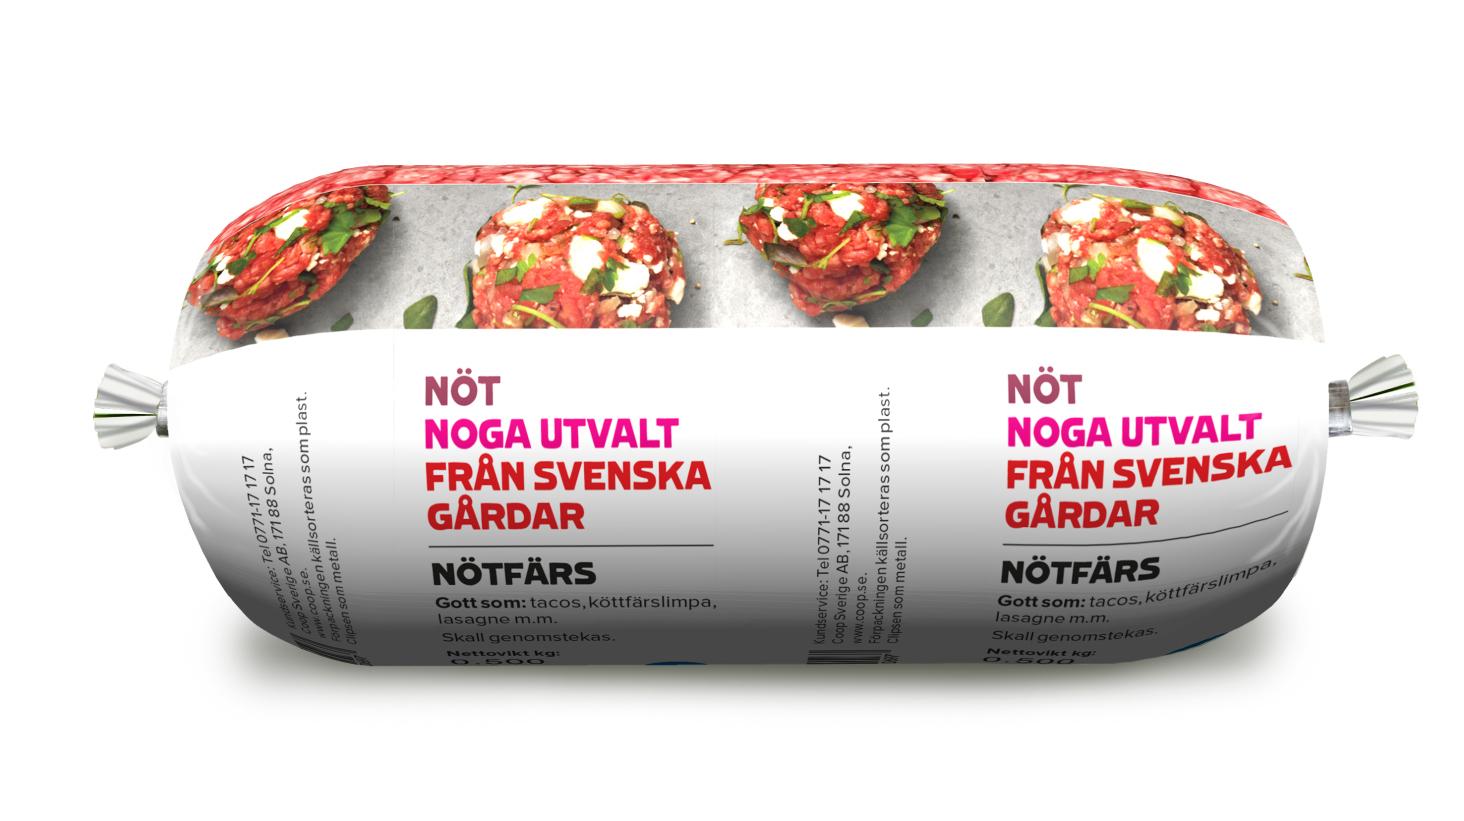 Köttfärs på rulle – ny smartare förpackning som ger stora vinster för miljön